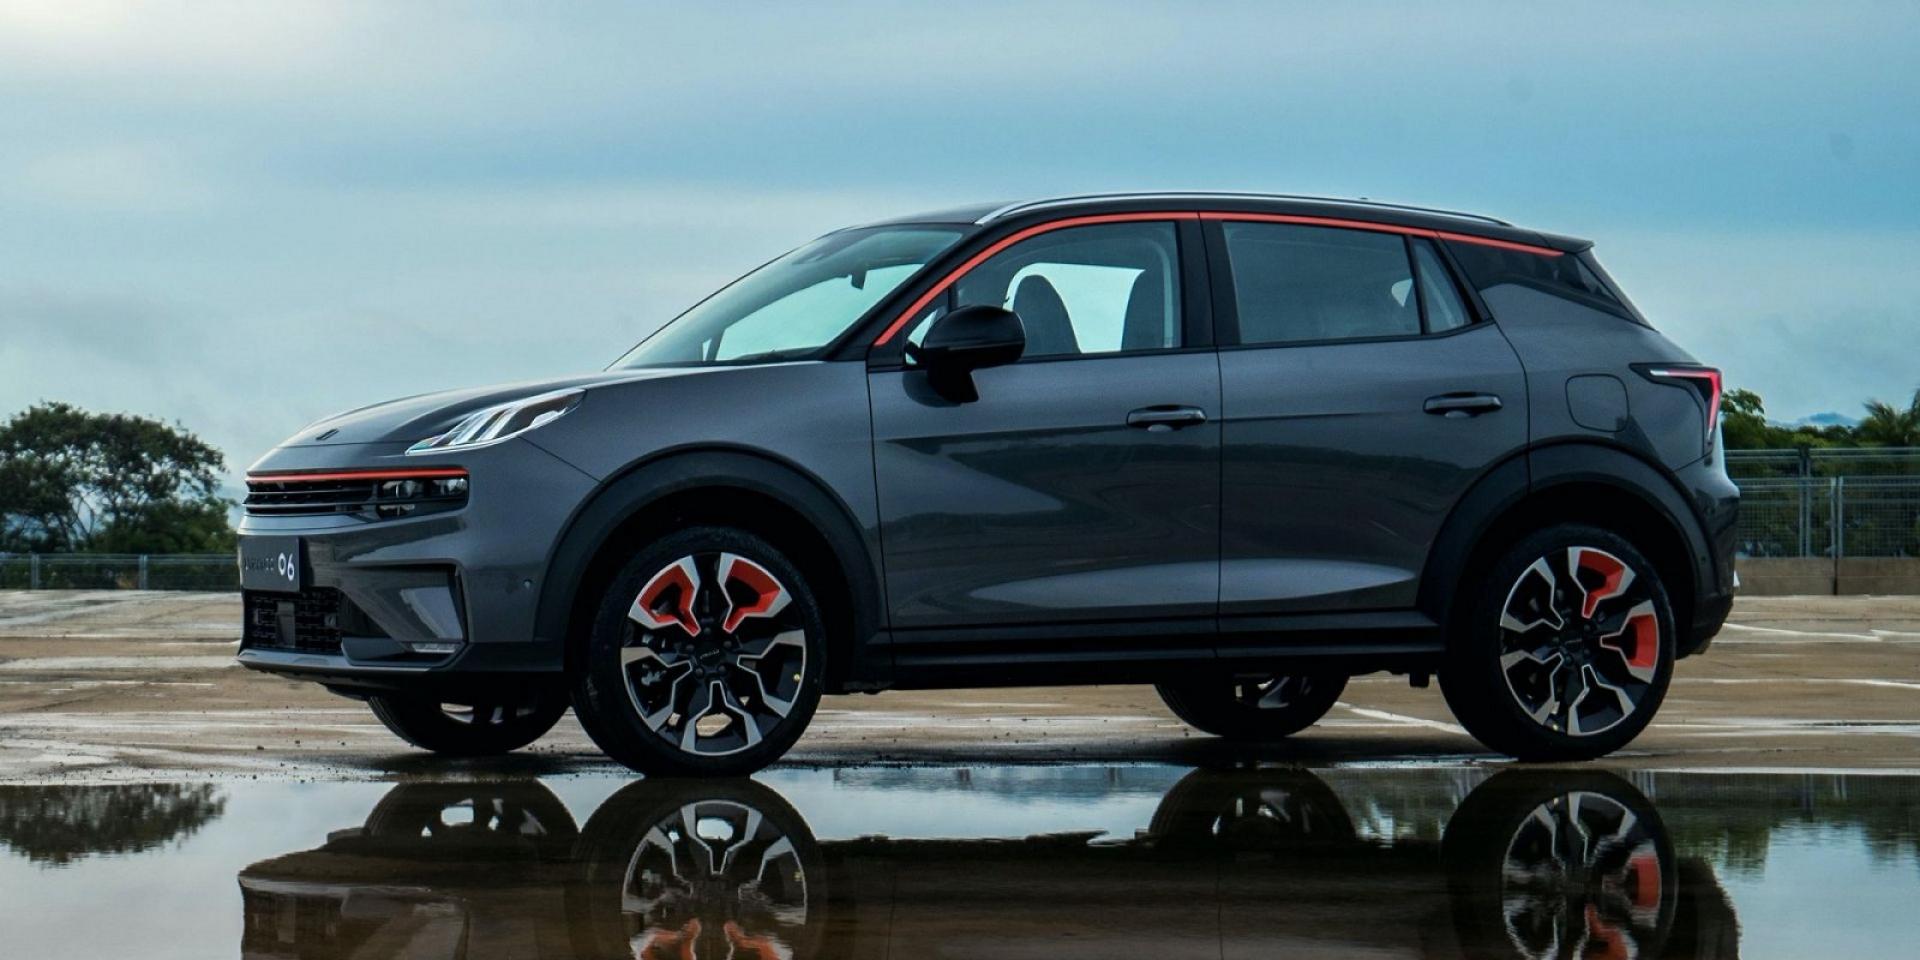 中國品牌Lynk & Co推出小型休旅車06,主推年輕運動感